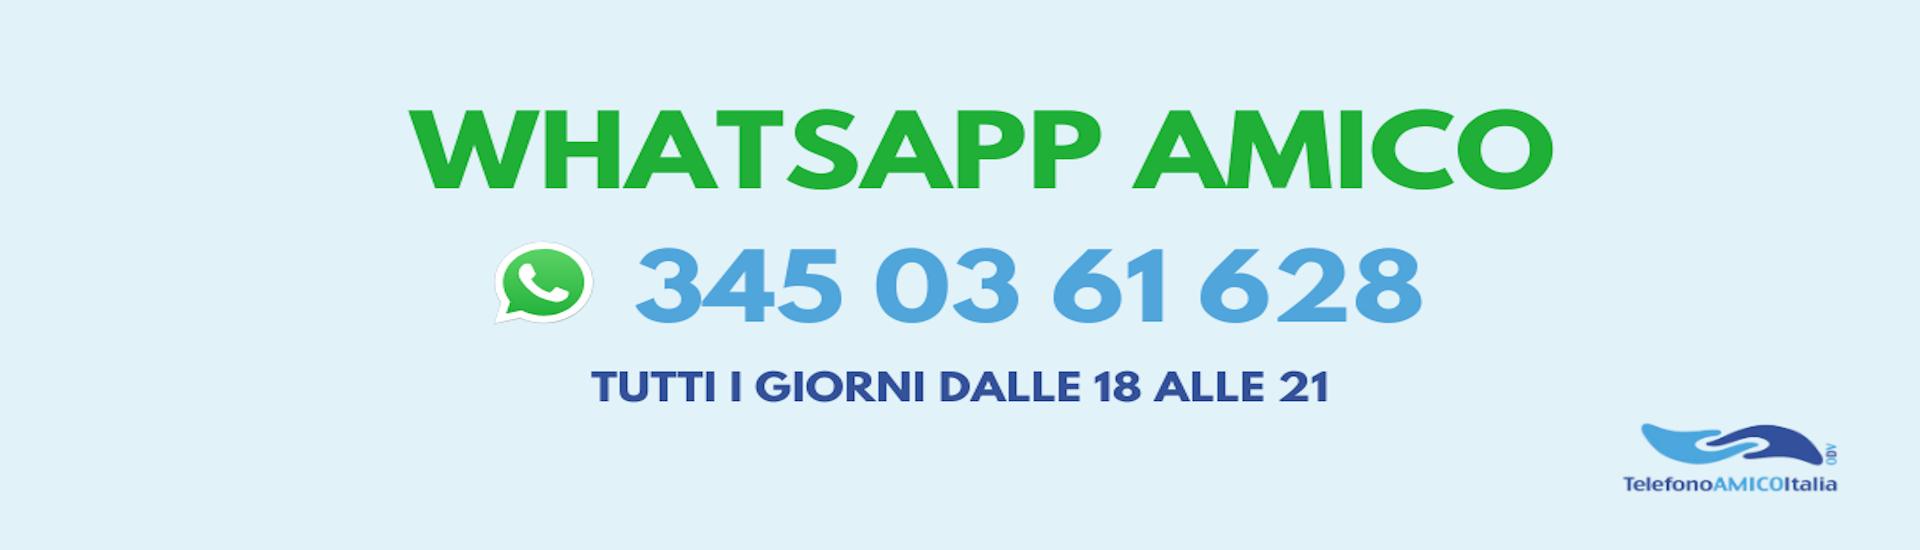 whatsapp amico